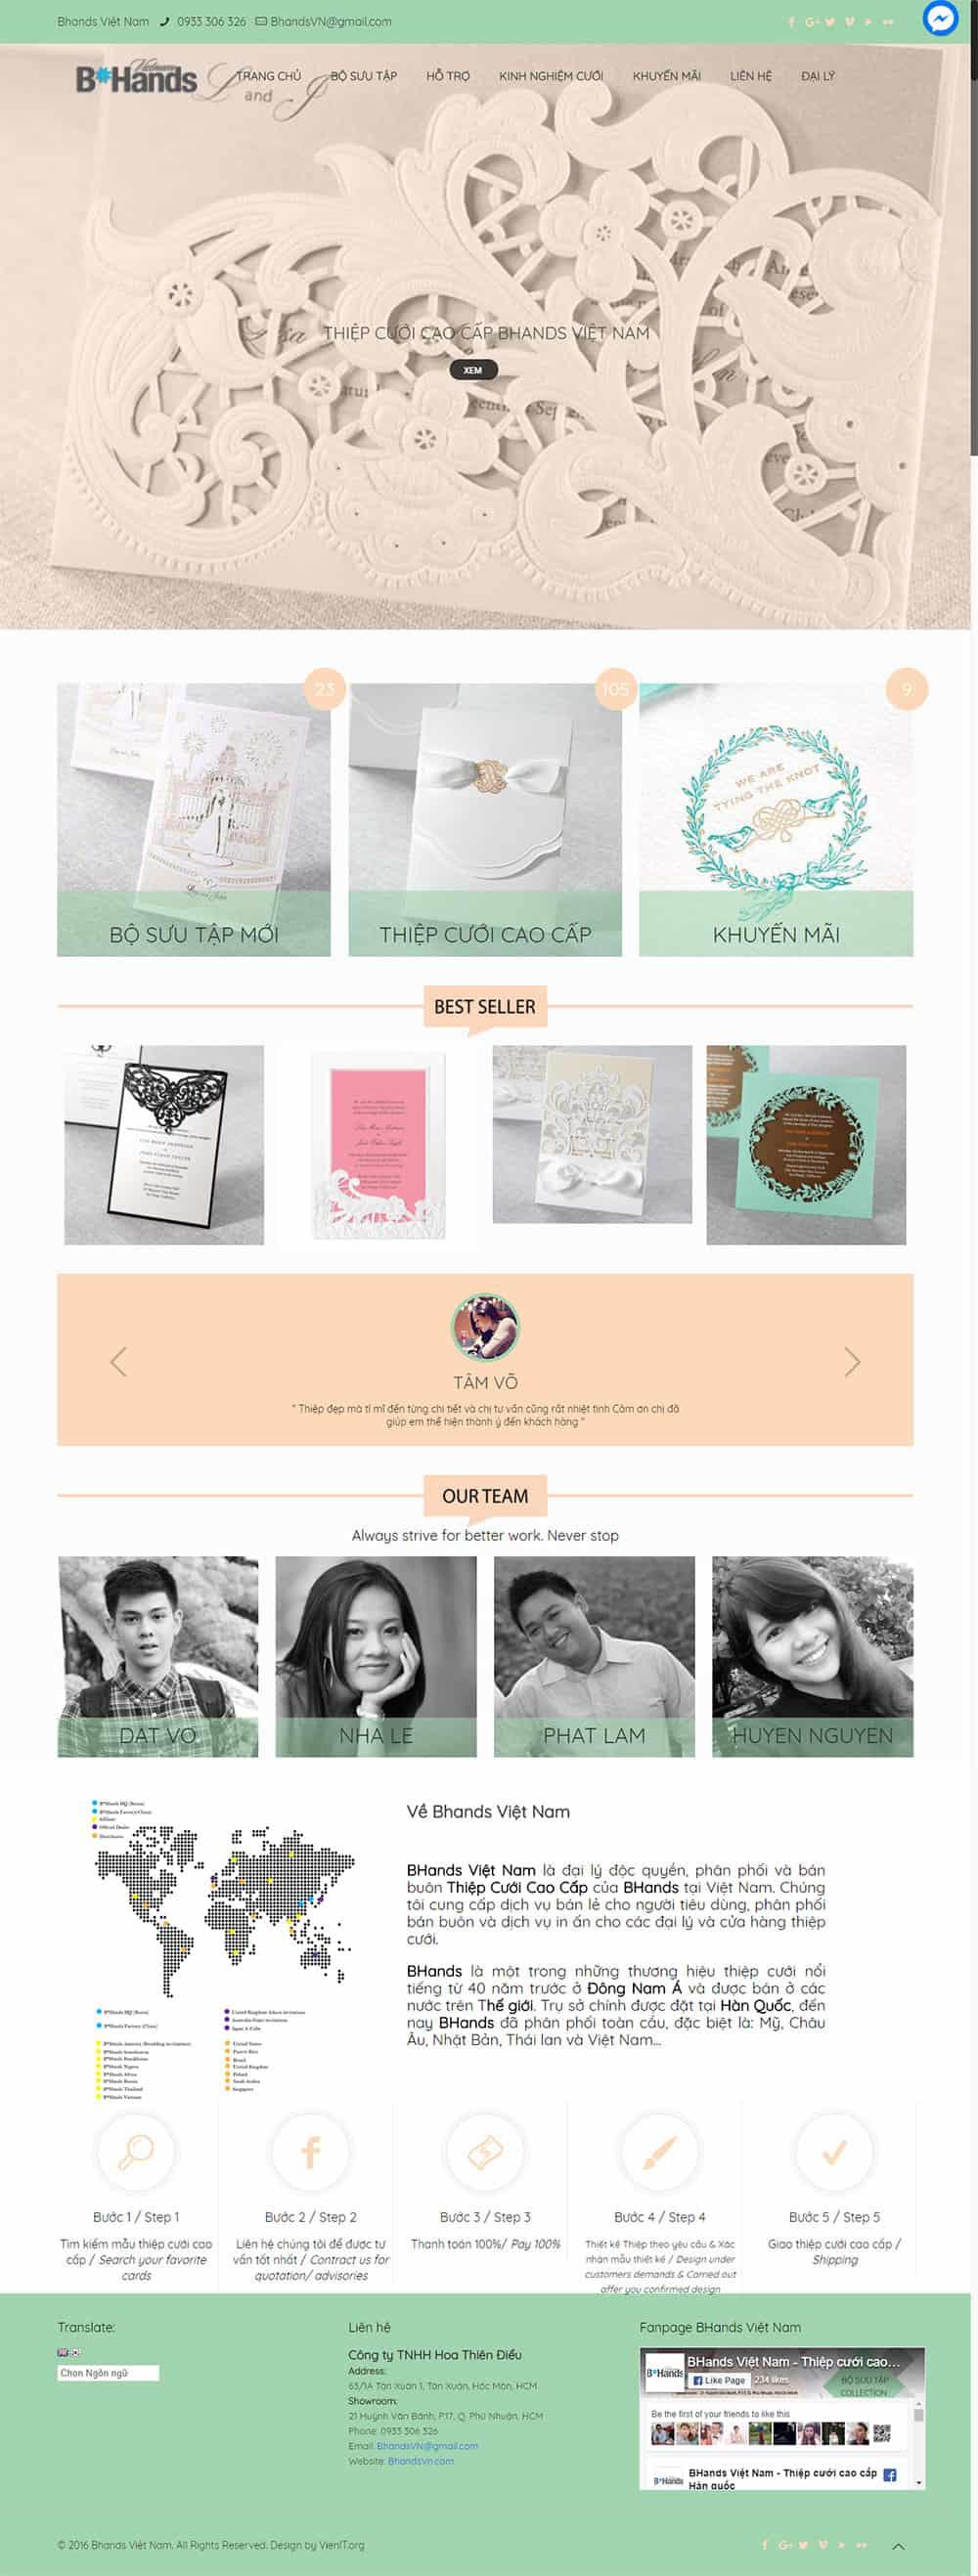 thiết kế website thiệp cưới cao cấp